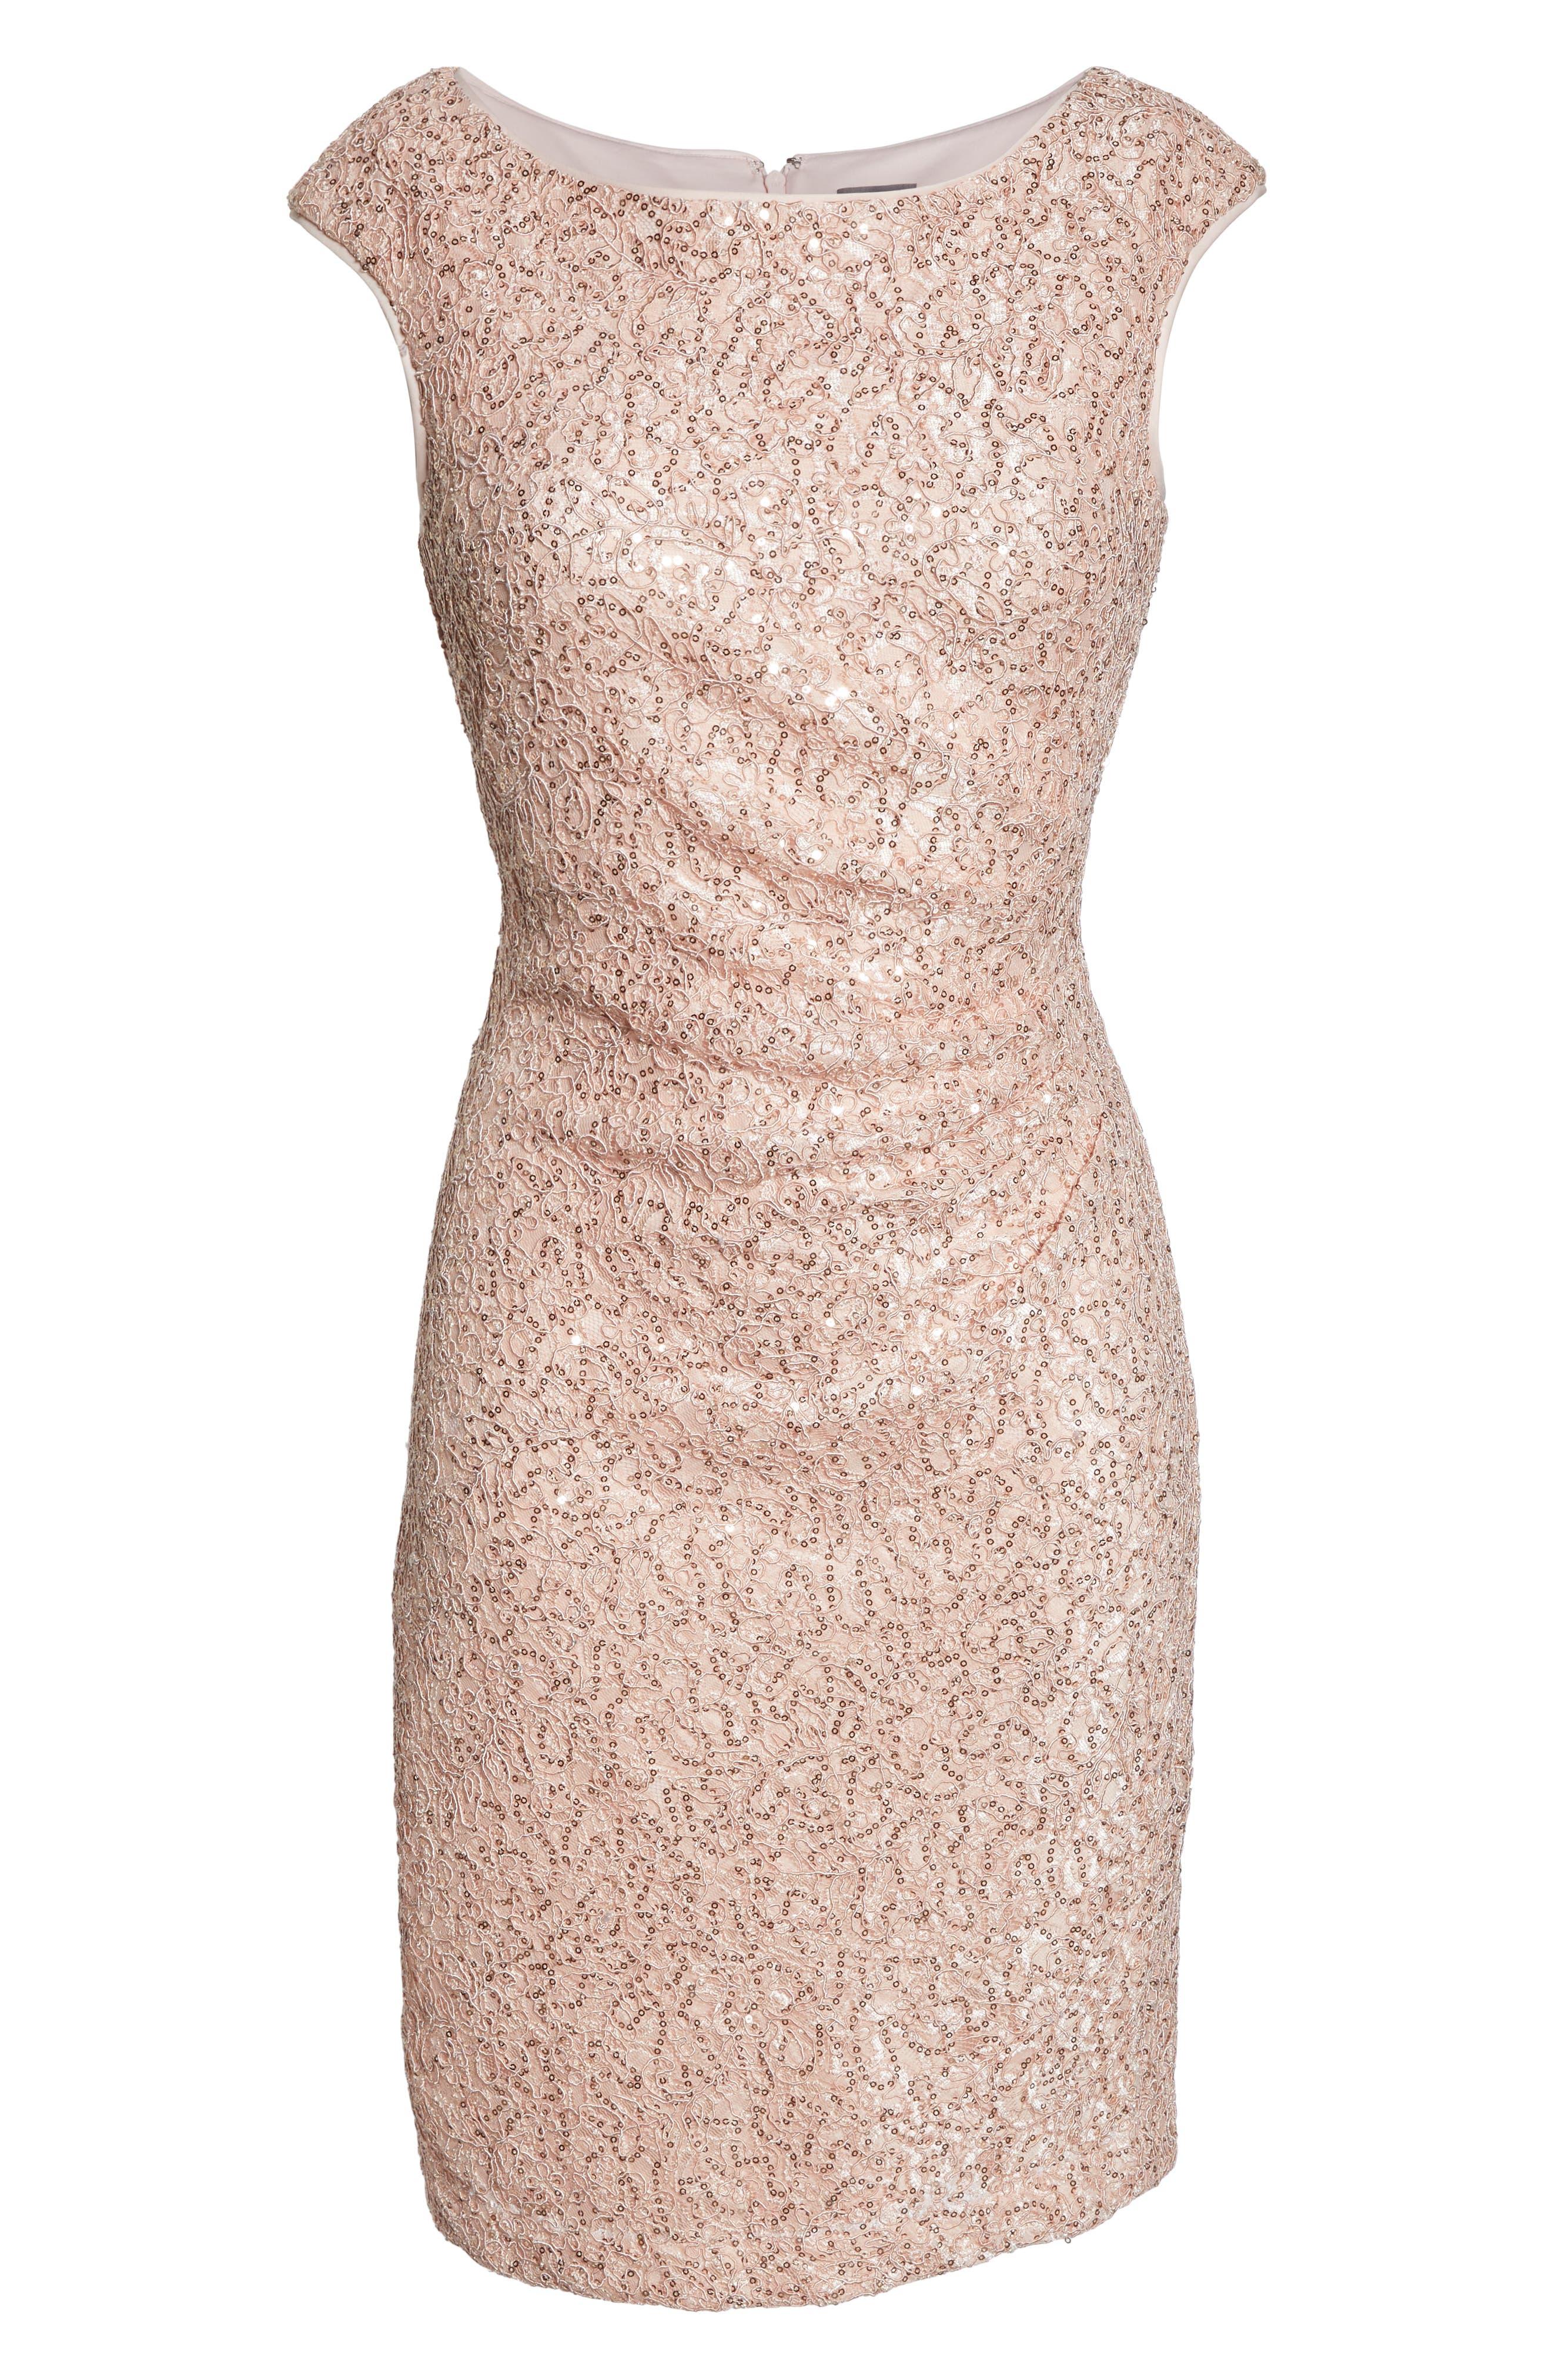 VINCE CAMUTO, Sequin Lace Sheath Dress, Alternate thumbnail 7, color, 684